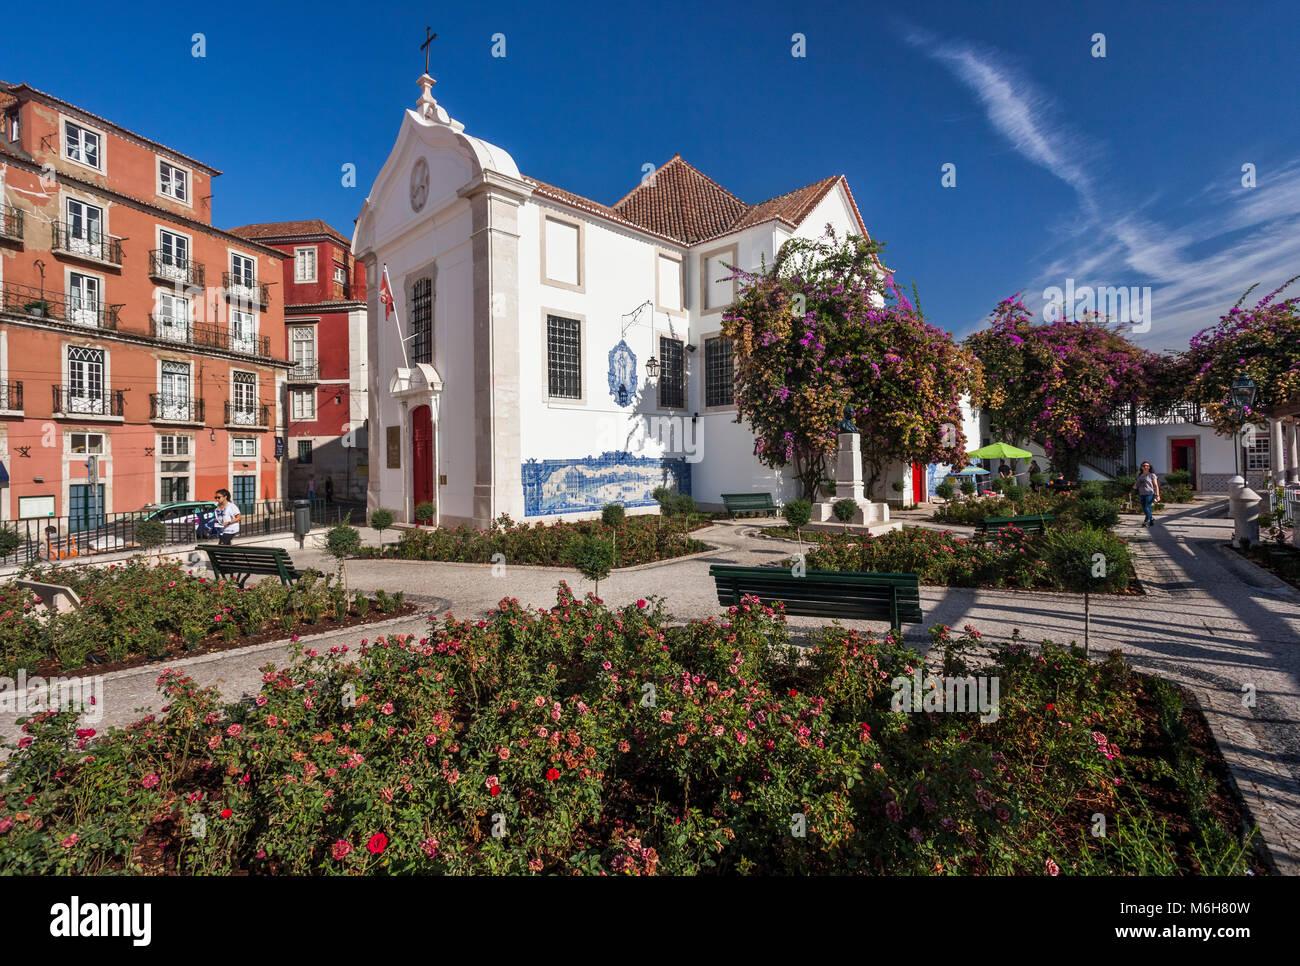 Church of Santa Luzia in Alfama district of Lisbon, Portugal Stock Photo